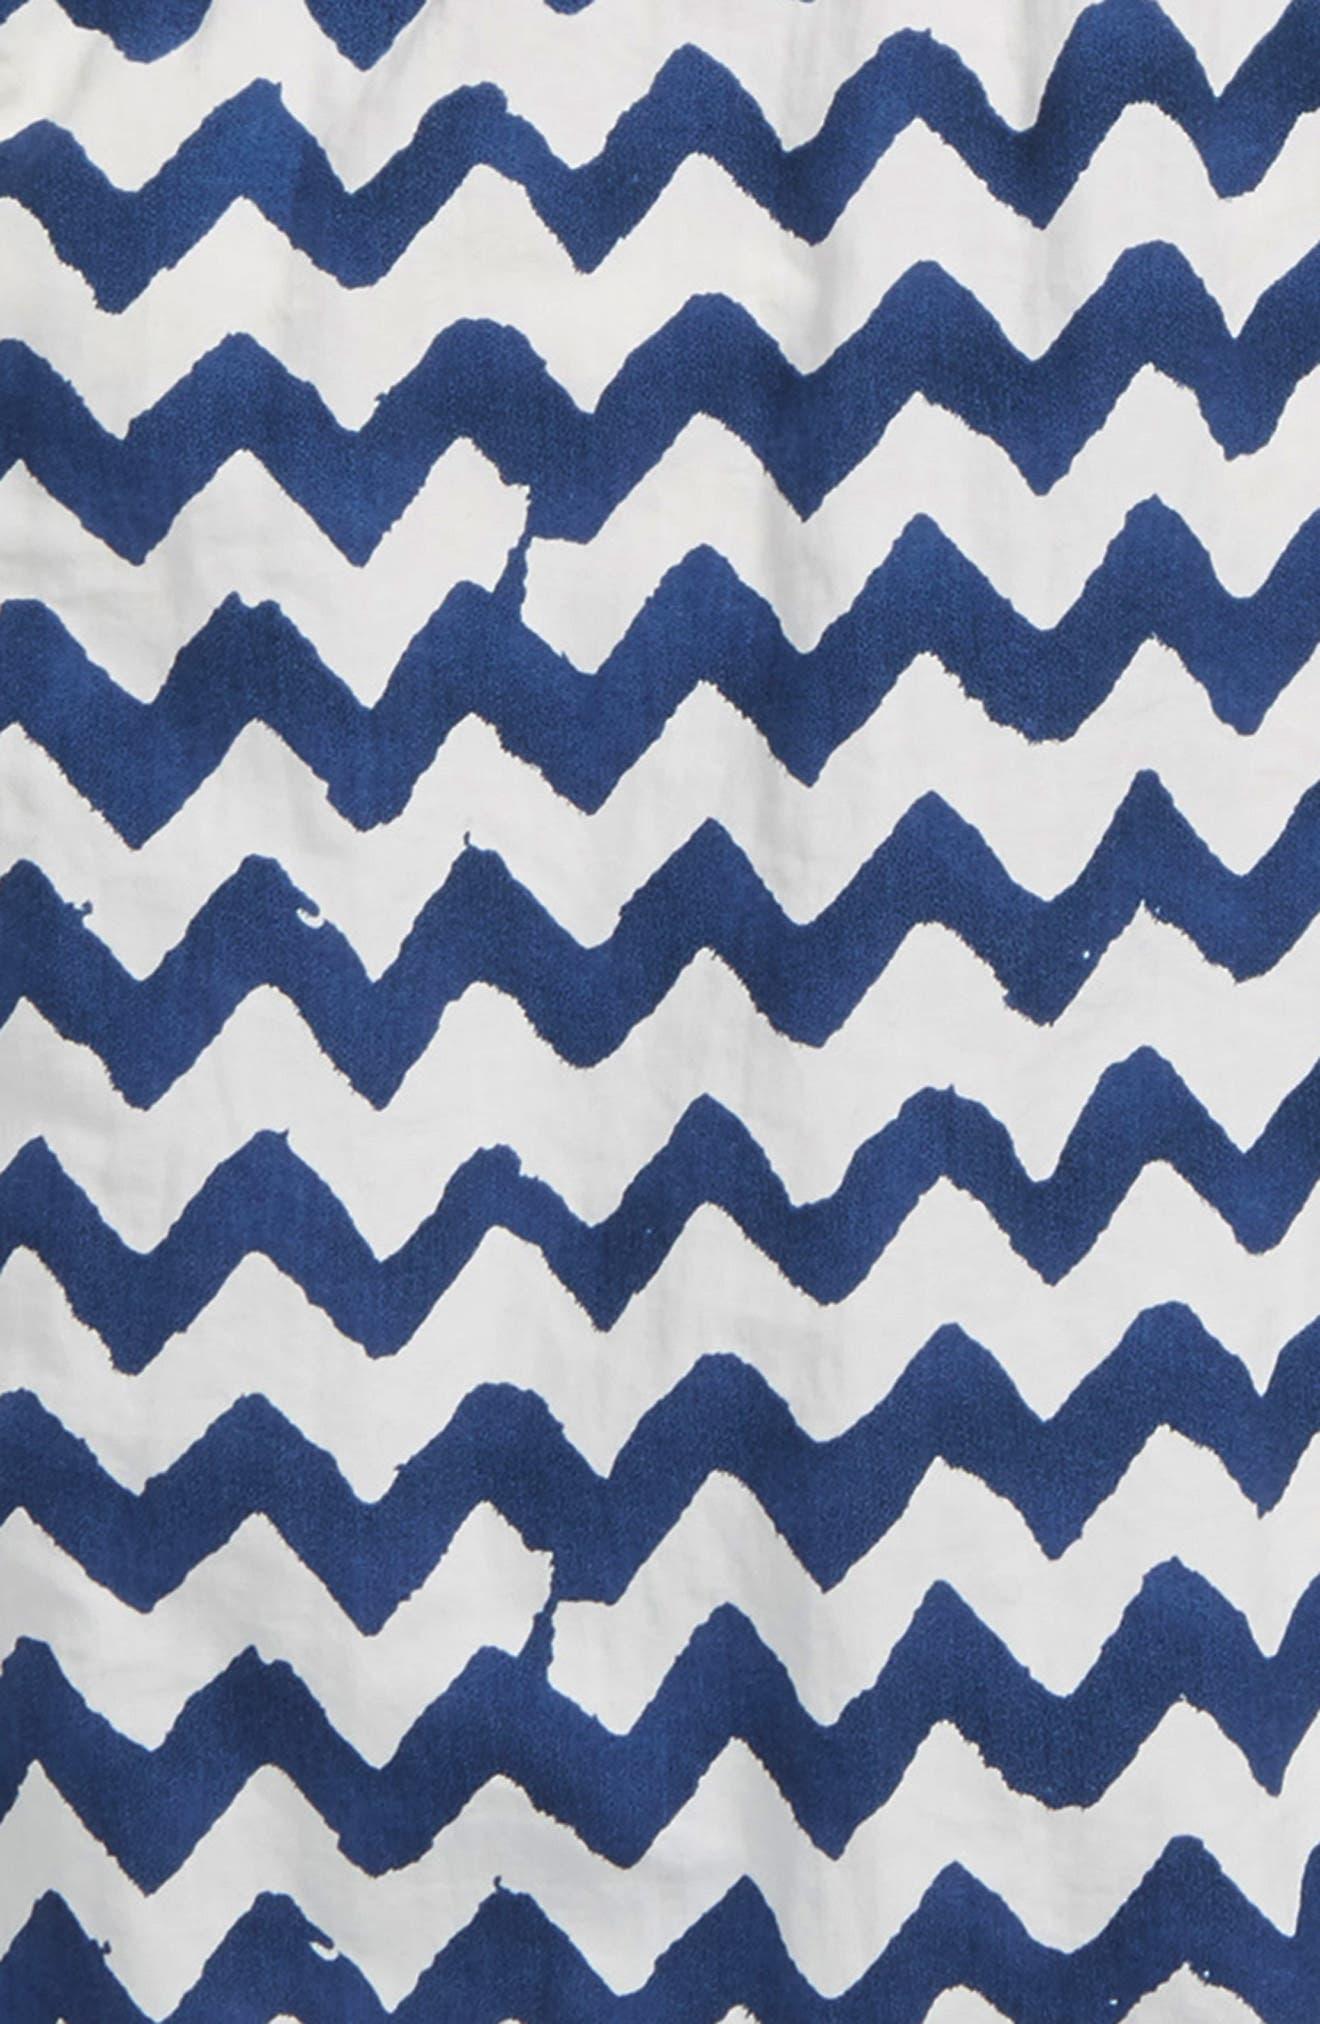 Allover Print Swim Trunks,                             Alternate thumbnail 2, color,                             Blue